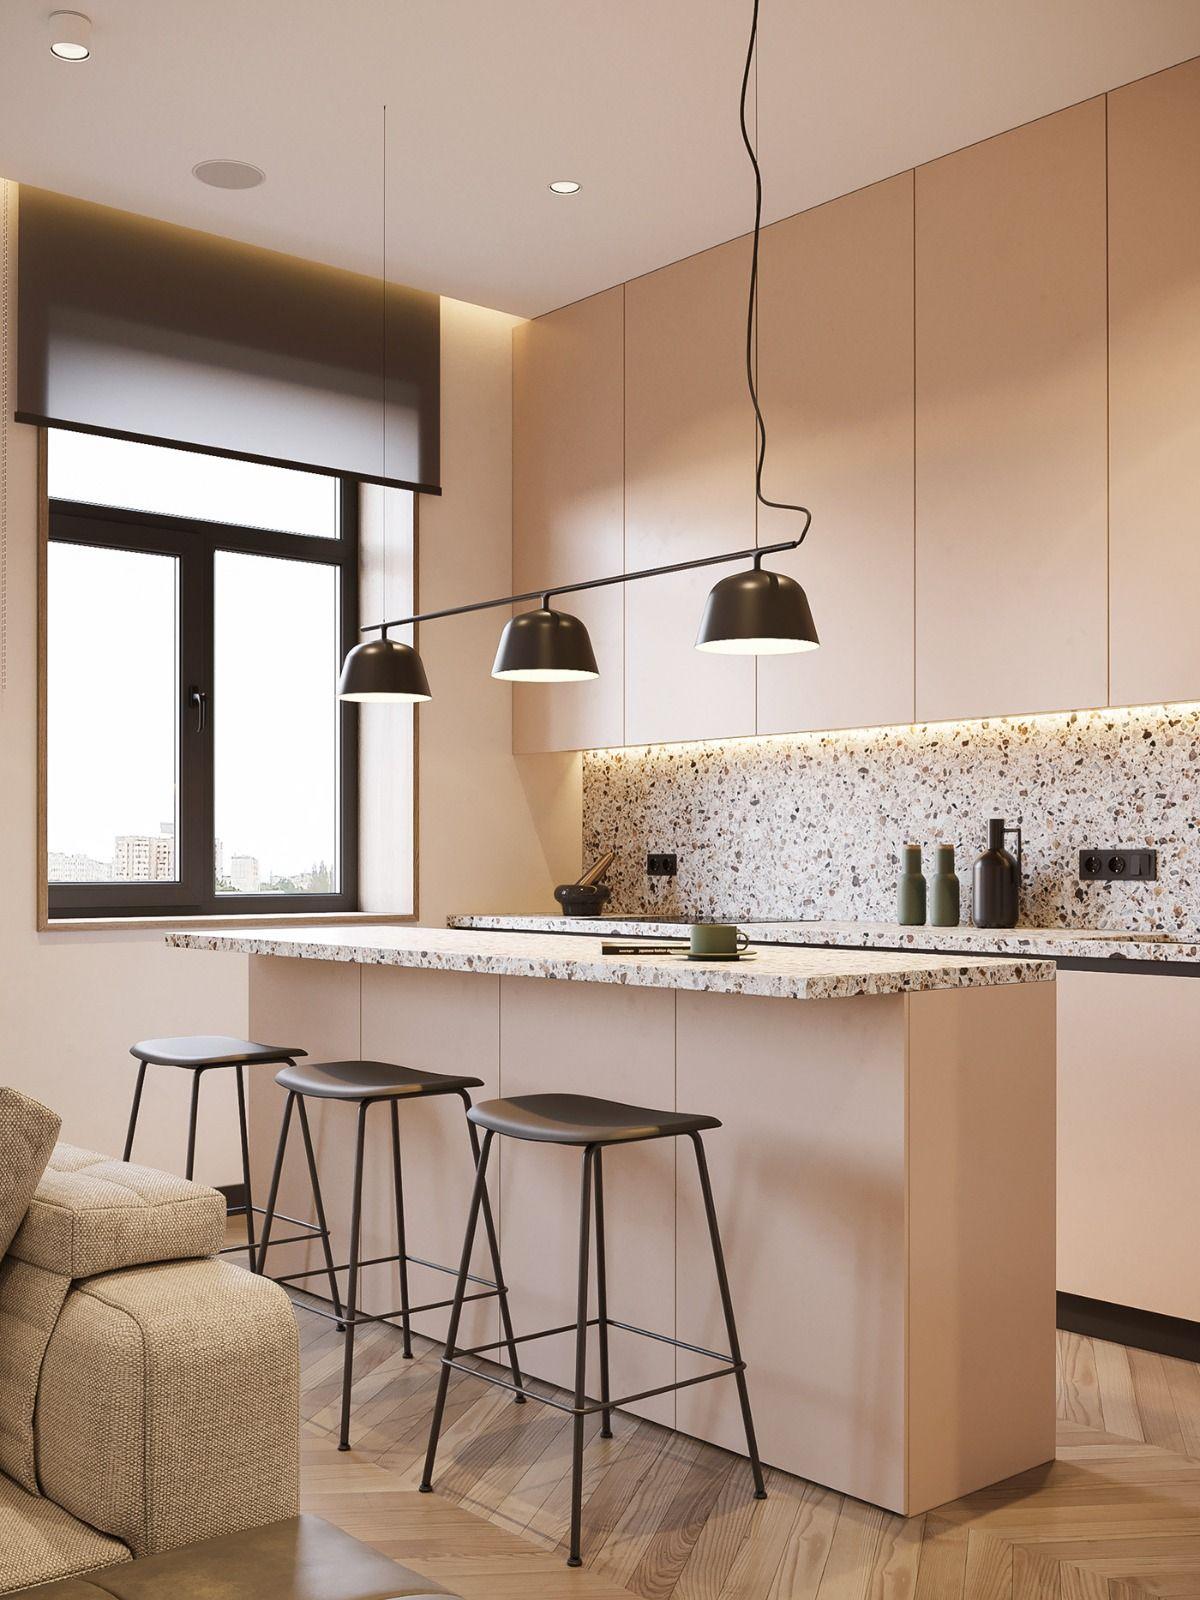 Terrazzo Platten Fur Jeden Wohnbereich Praktische Verwendung Des Materials In Der Innenarchitektur Interior Design Design Cucina Moderna